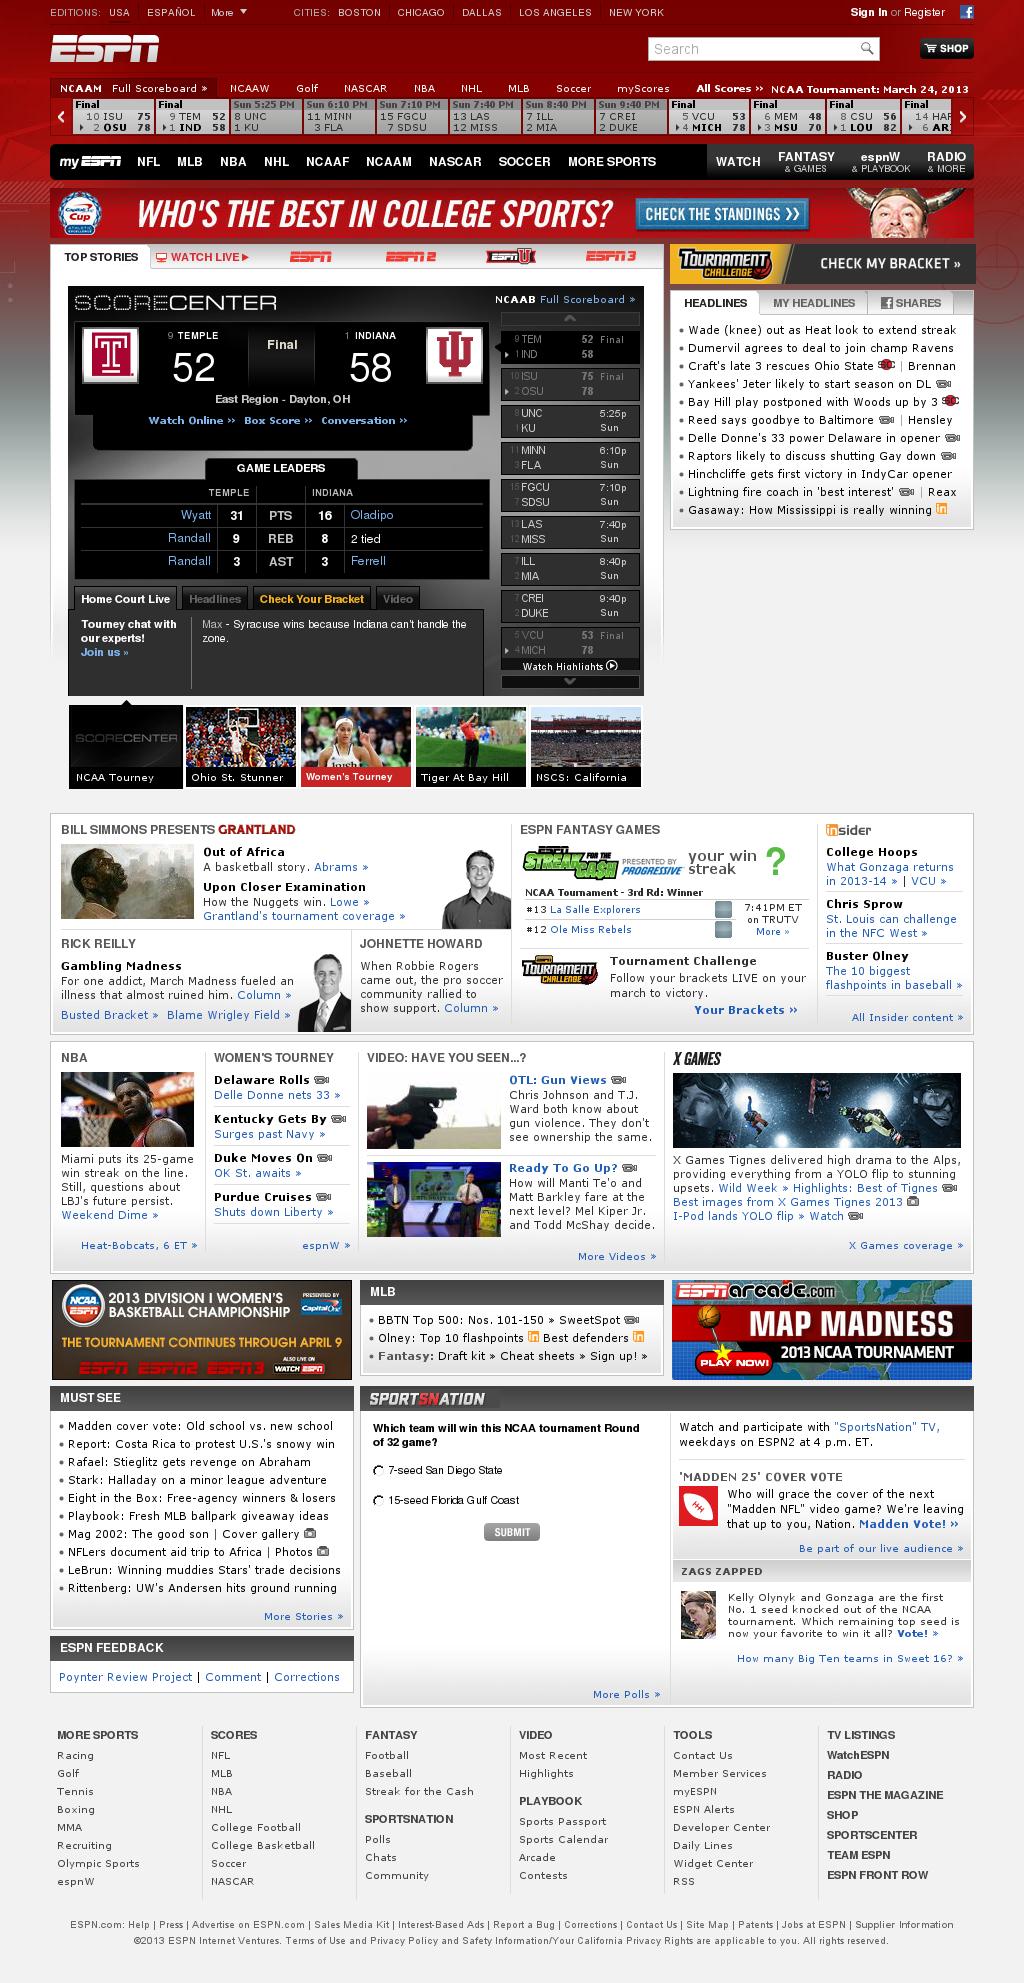 ESPN at Sunday March 24, 2013, 9:11 p.m. UTC